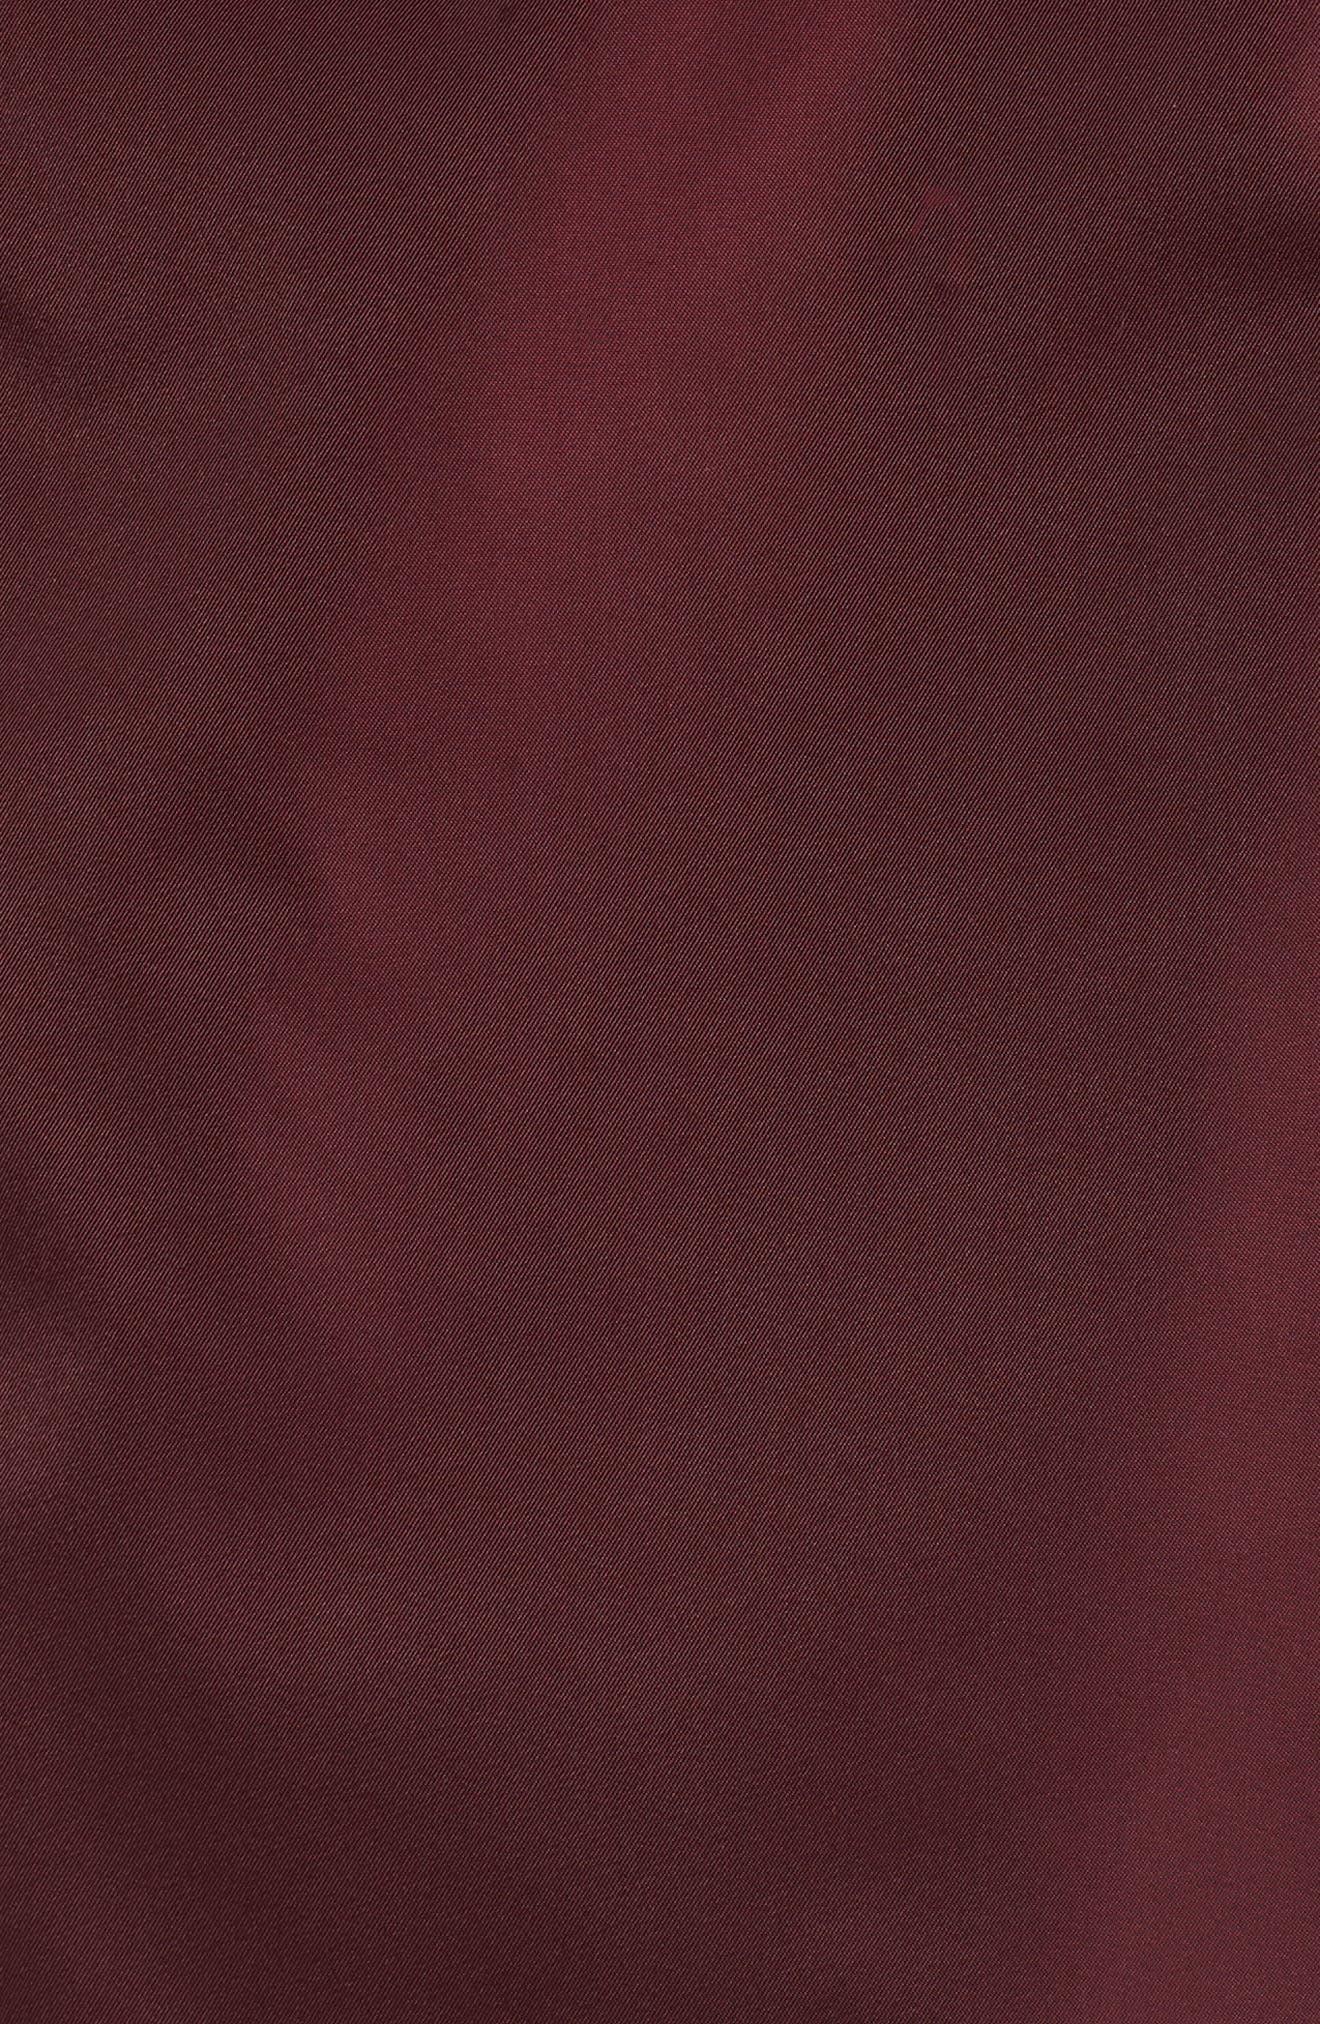 Techno Short Trench Coat,                             Alternate thumbnail 5, color,                             Burgundy